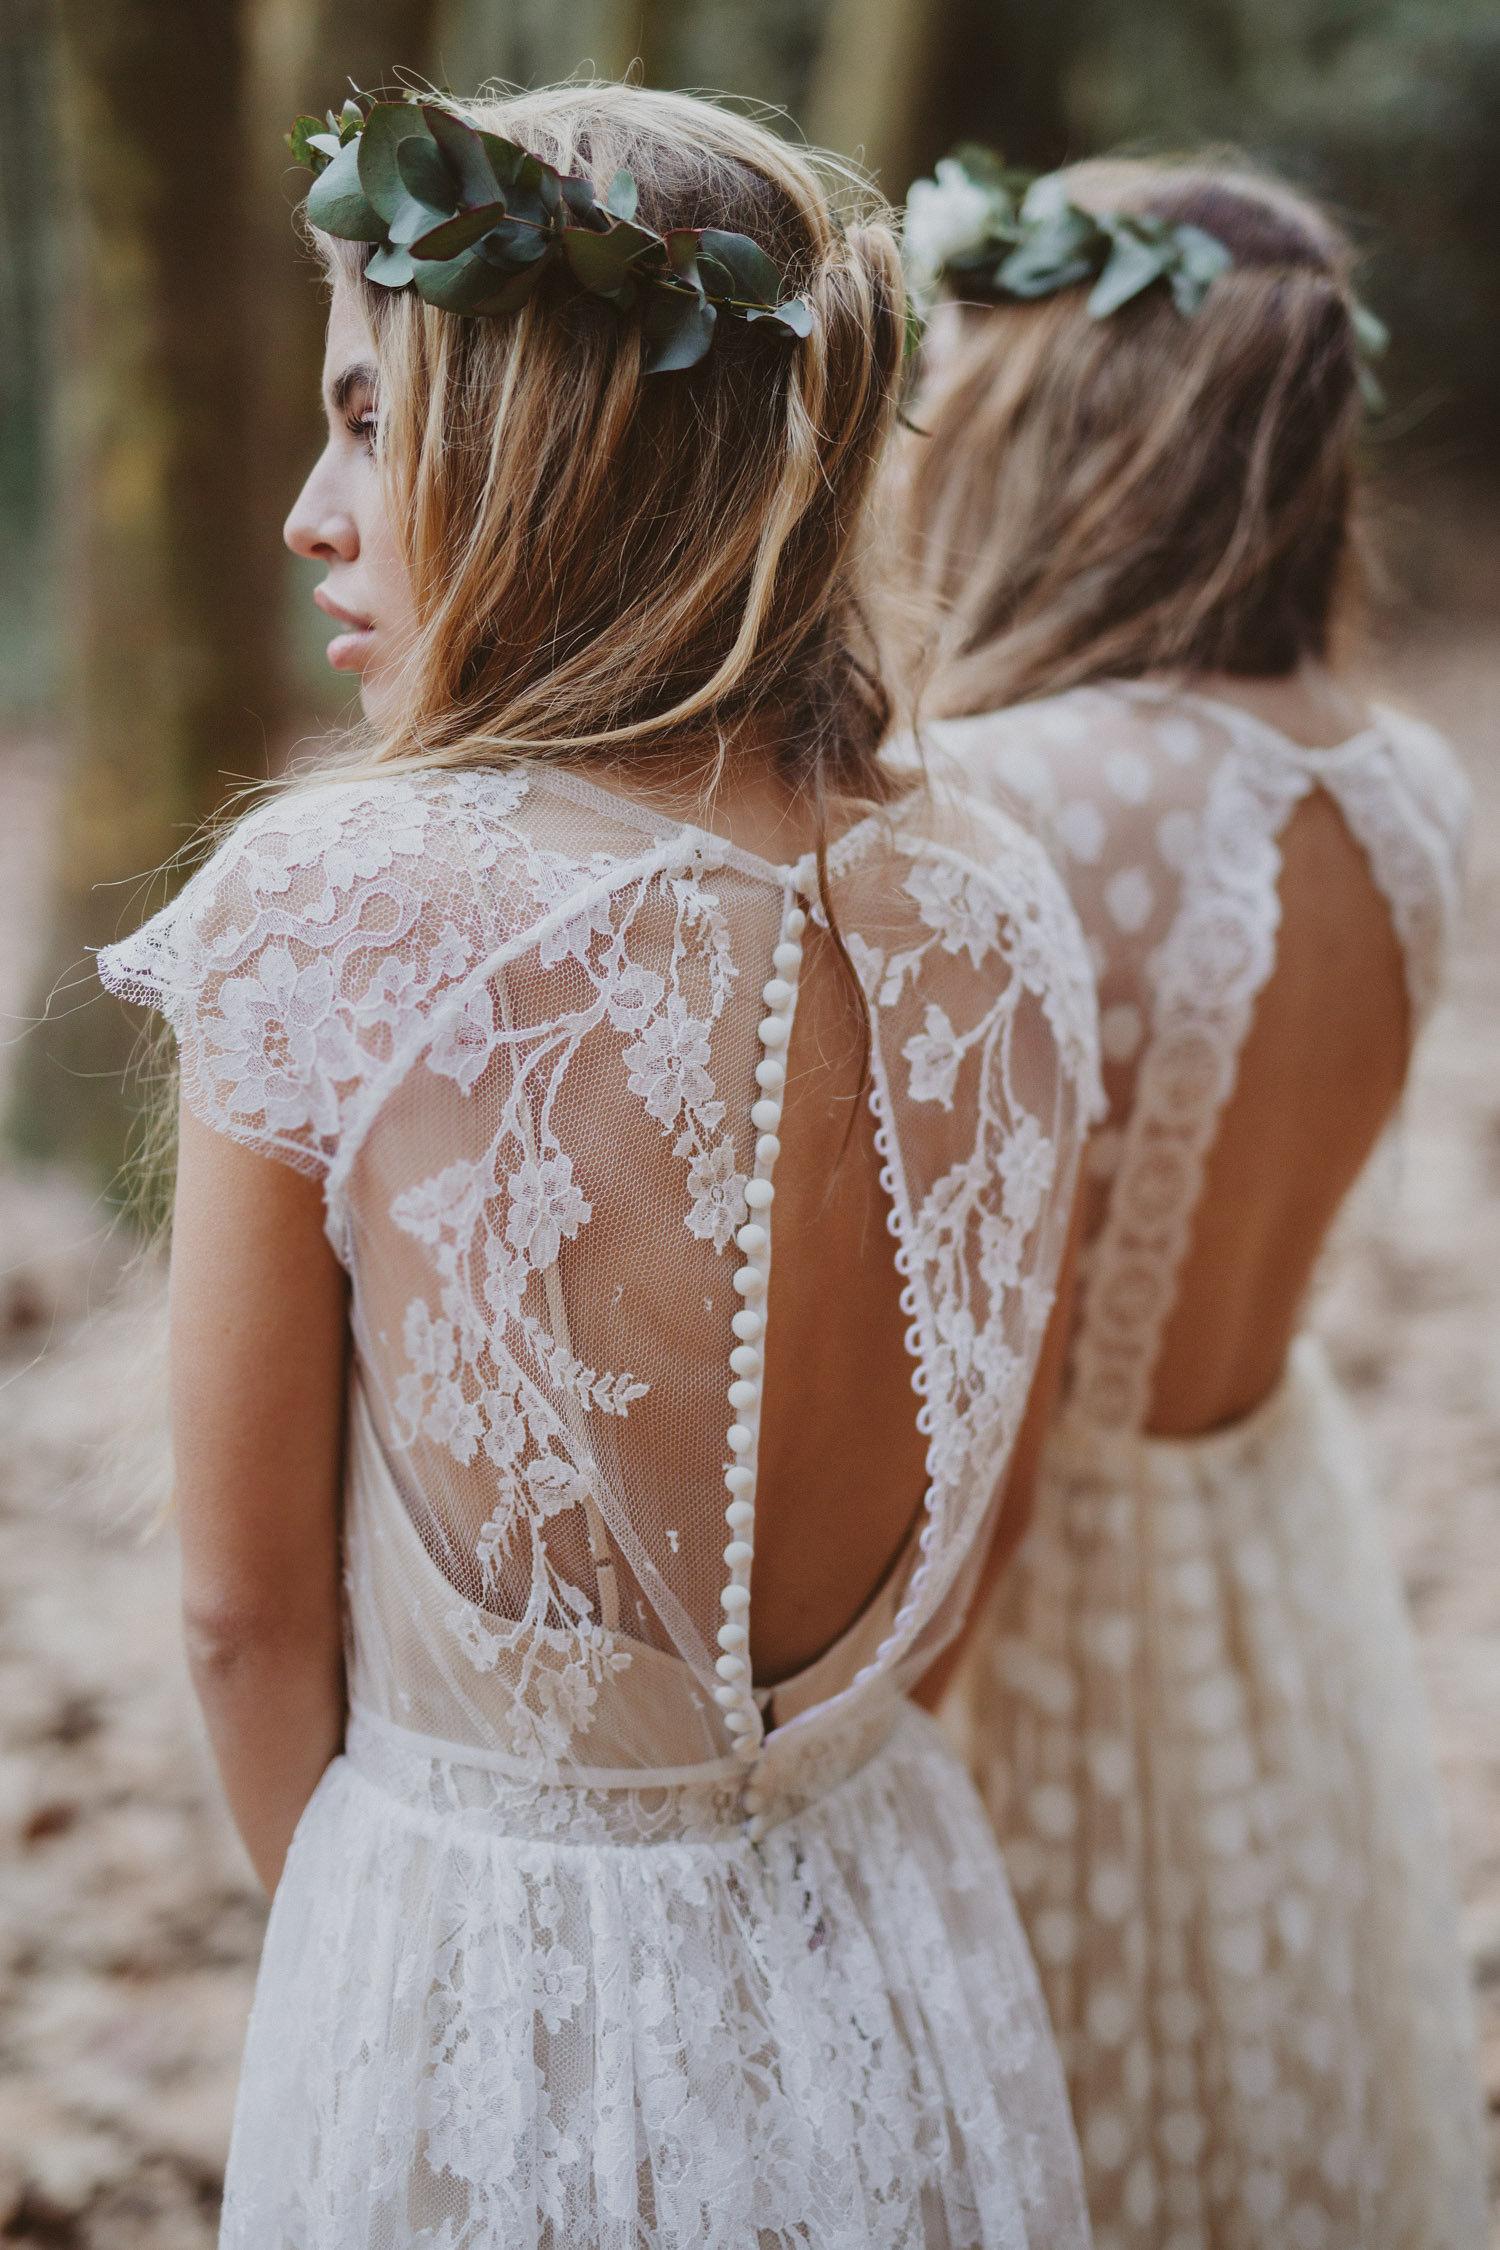 calista-one-lista-de-bodas-online-blog-de-bodas-inspiracion-vestidos-de-novia-9